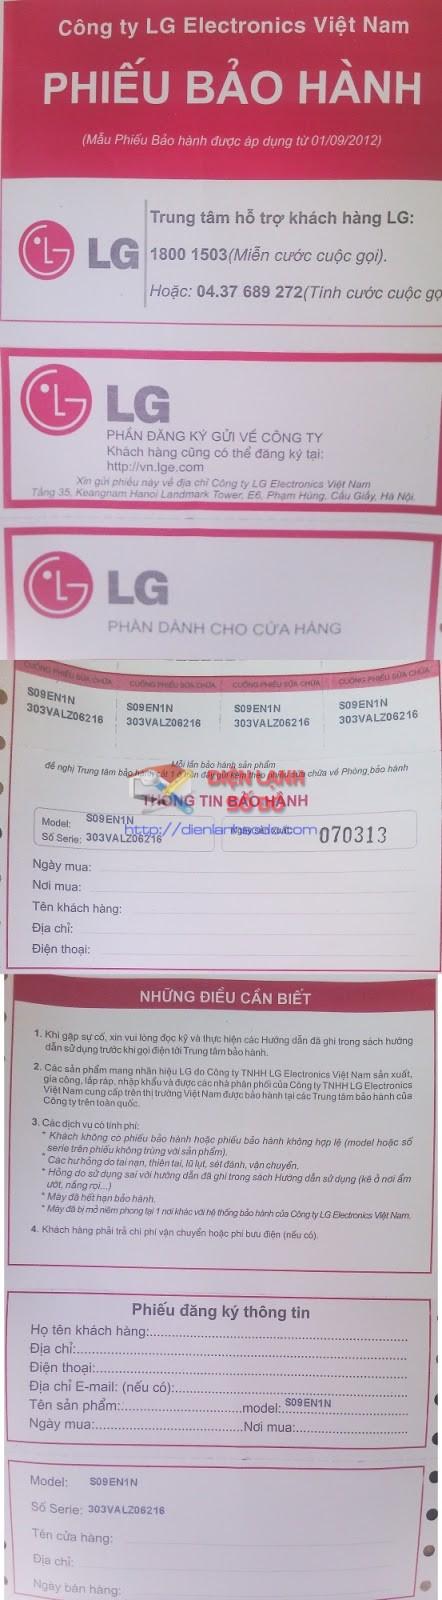 phieu-bao-hanh-may-lanh-lg